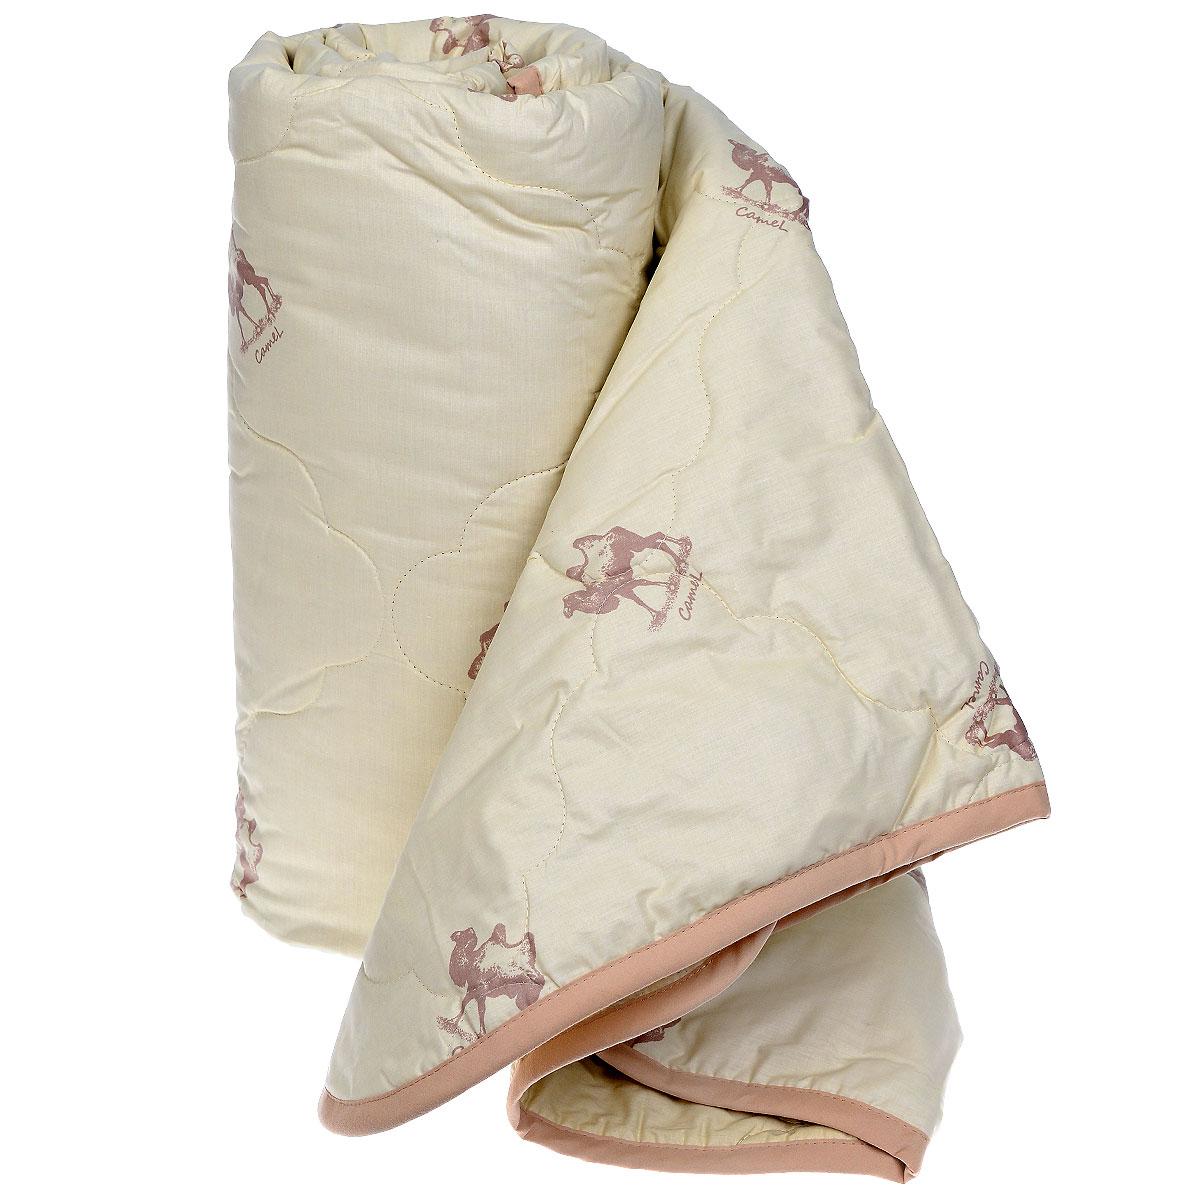 Одеяло Sova & Javoronok, наполнитель: верблюжья шерсть, цвет: бежевый, 200 см х 220 см05030116085Чехол одеяла Sova & Javoronok выполнен из высококачественного плотного материала тик (100% хлопок). Наполнитель одеяла изготовлен из верблюжьей шерсти. Стежка надежно удерживает наполнитель внутри и не позволяет ему скатываться. Особенности наполнителя:- исключительные терморегулирующие свойства;- высокое качество прочеса и промывки шерсти;- великолепные ощущения комфорта и уюта. Верблюжья шерсть обладает целебными качествами, содержит наиболее высокий процент ланолина (животного воска), который является природным антисептиком и благоприятно воздействует на организм по целому ряду показателей: оказывает благотворное действие на мышцы, суставы, позвоночник, нормализует кровообращение, имеет профилактический эффект при заболевания опорно-двигательного аппарата. Кроме того, верблюжья шерсть антистатична. Шерсть верблюда сохраняет прохладу в период жаркого лета и удерживает тепло во время суровой зимы. Одеяло упакована в прозрачный пластиковый чехол на змейке с ручкой, что является чрезвычайно удобным при переноске.Рекомендации по уходу:- Стирка запрещена,- Нельзя отбеливать. При стирке не использовать средства, содержащие отбеливатели (хлор),- Не гладить. Не применять обработку паром,- Химчистка с использованием углеводорода, хлорного этилена,- Нельзя выжимать и сушить в стиральной машине. Размер одеяла: 200 см х 220 см. Материал чехла: тик (100% хлопок). Материал наполнителя: верблюжья шерсть.